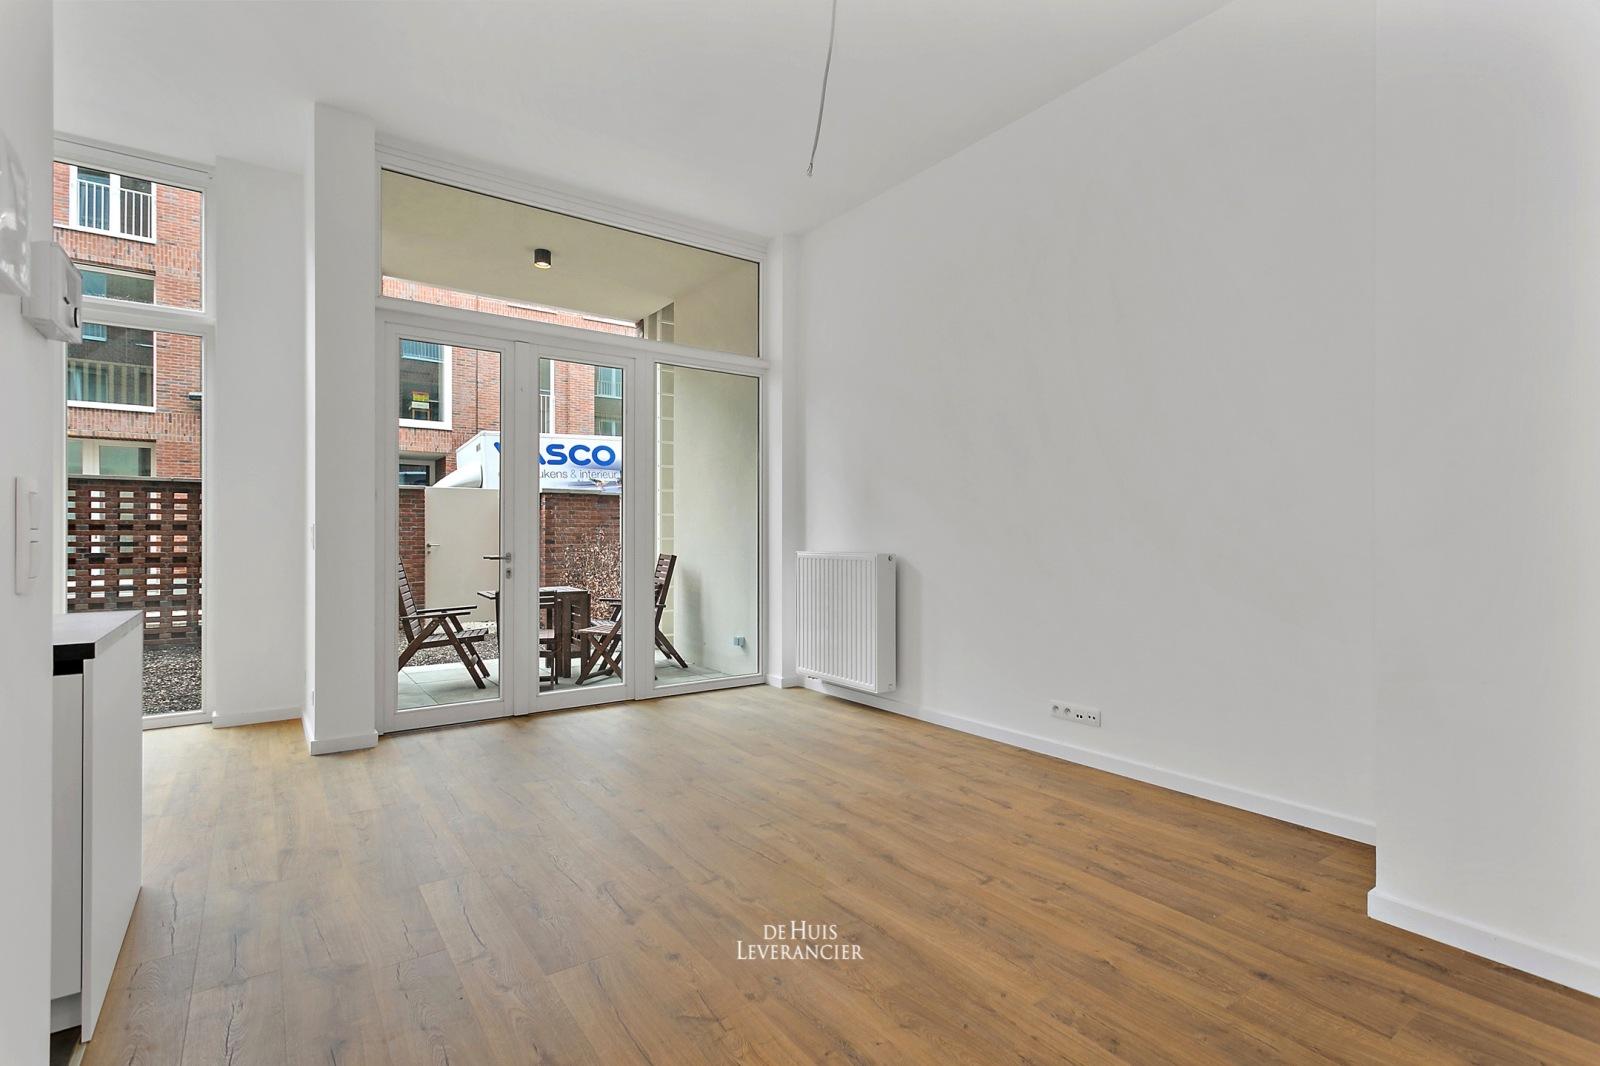 Gelijkvloers app. Antwerpen 2018